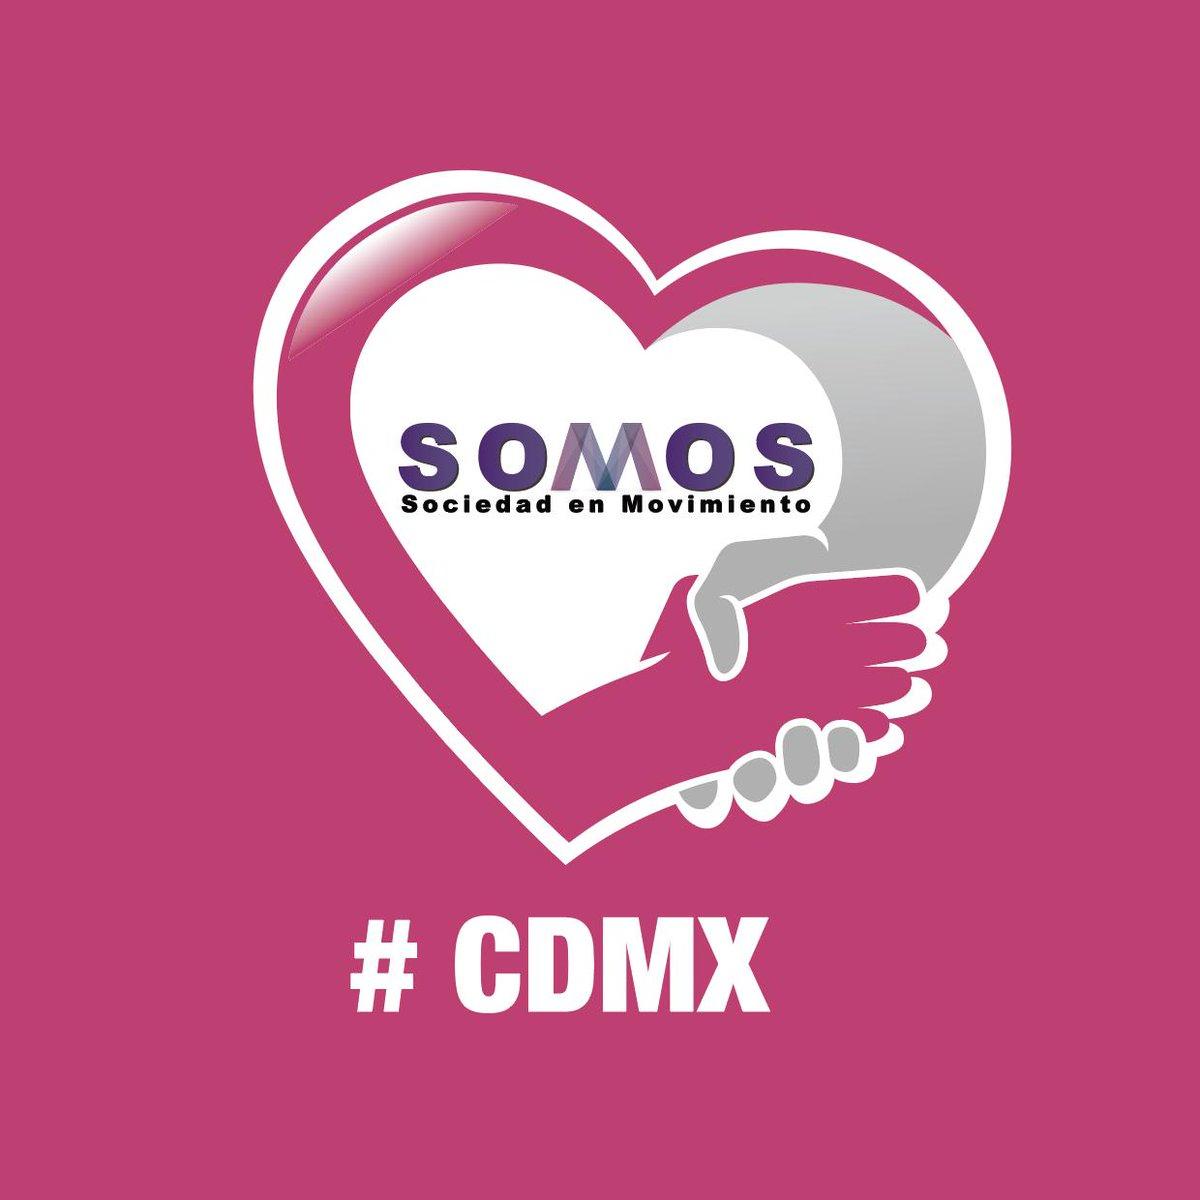 Posicionamiento de la asociación SOMOS en vías de constitución como Partido Político Local en la Ciudad de México